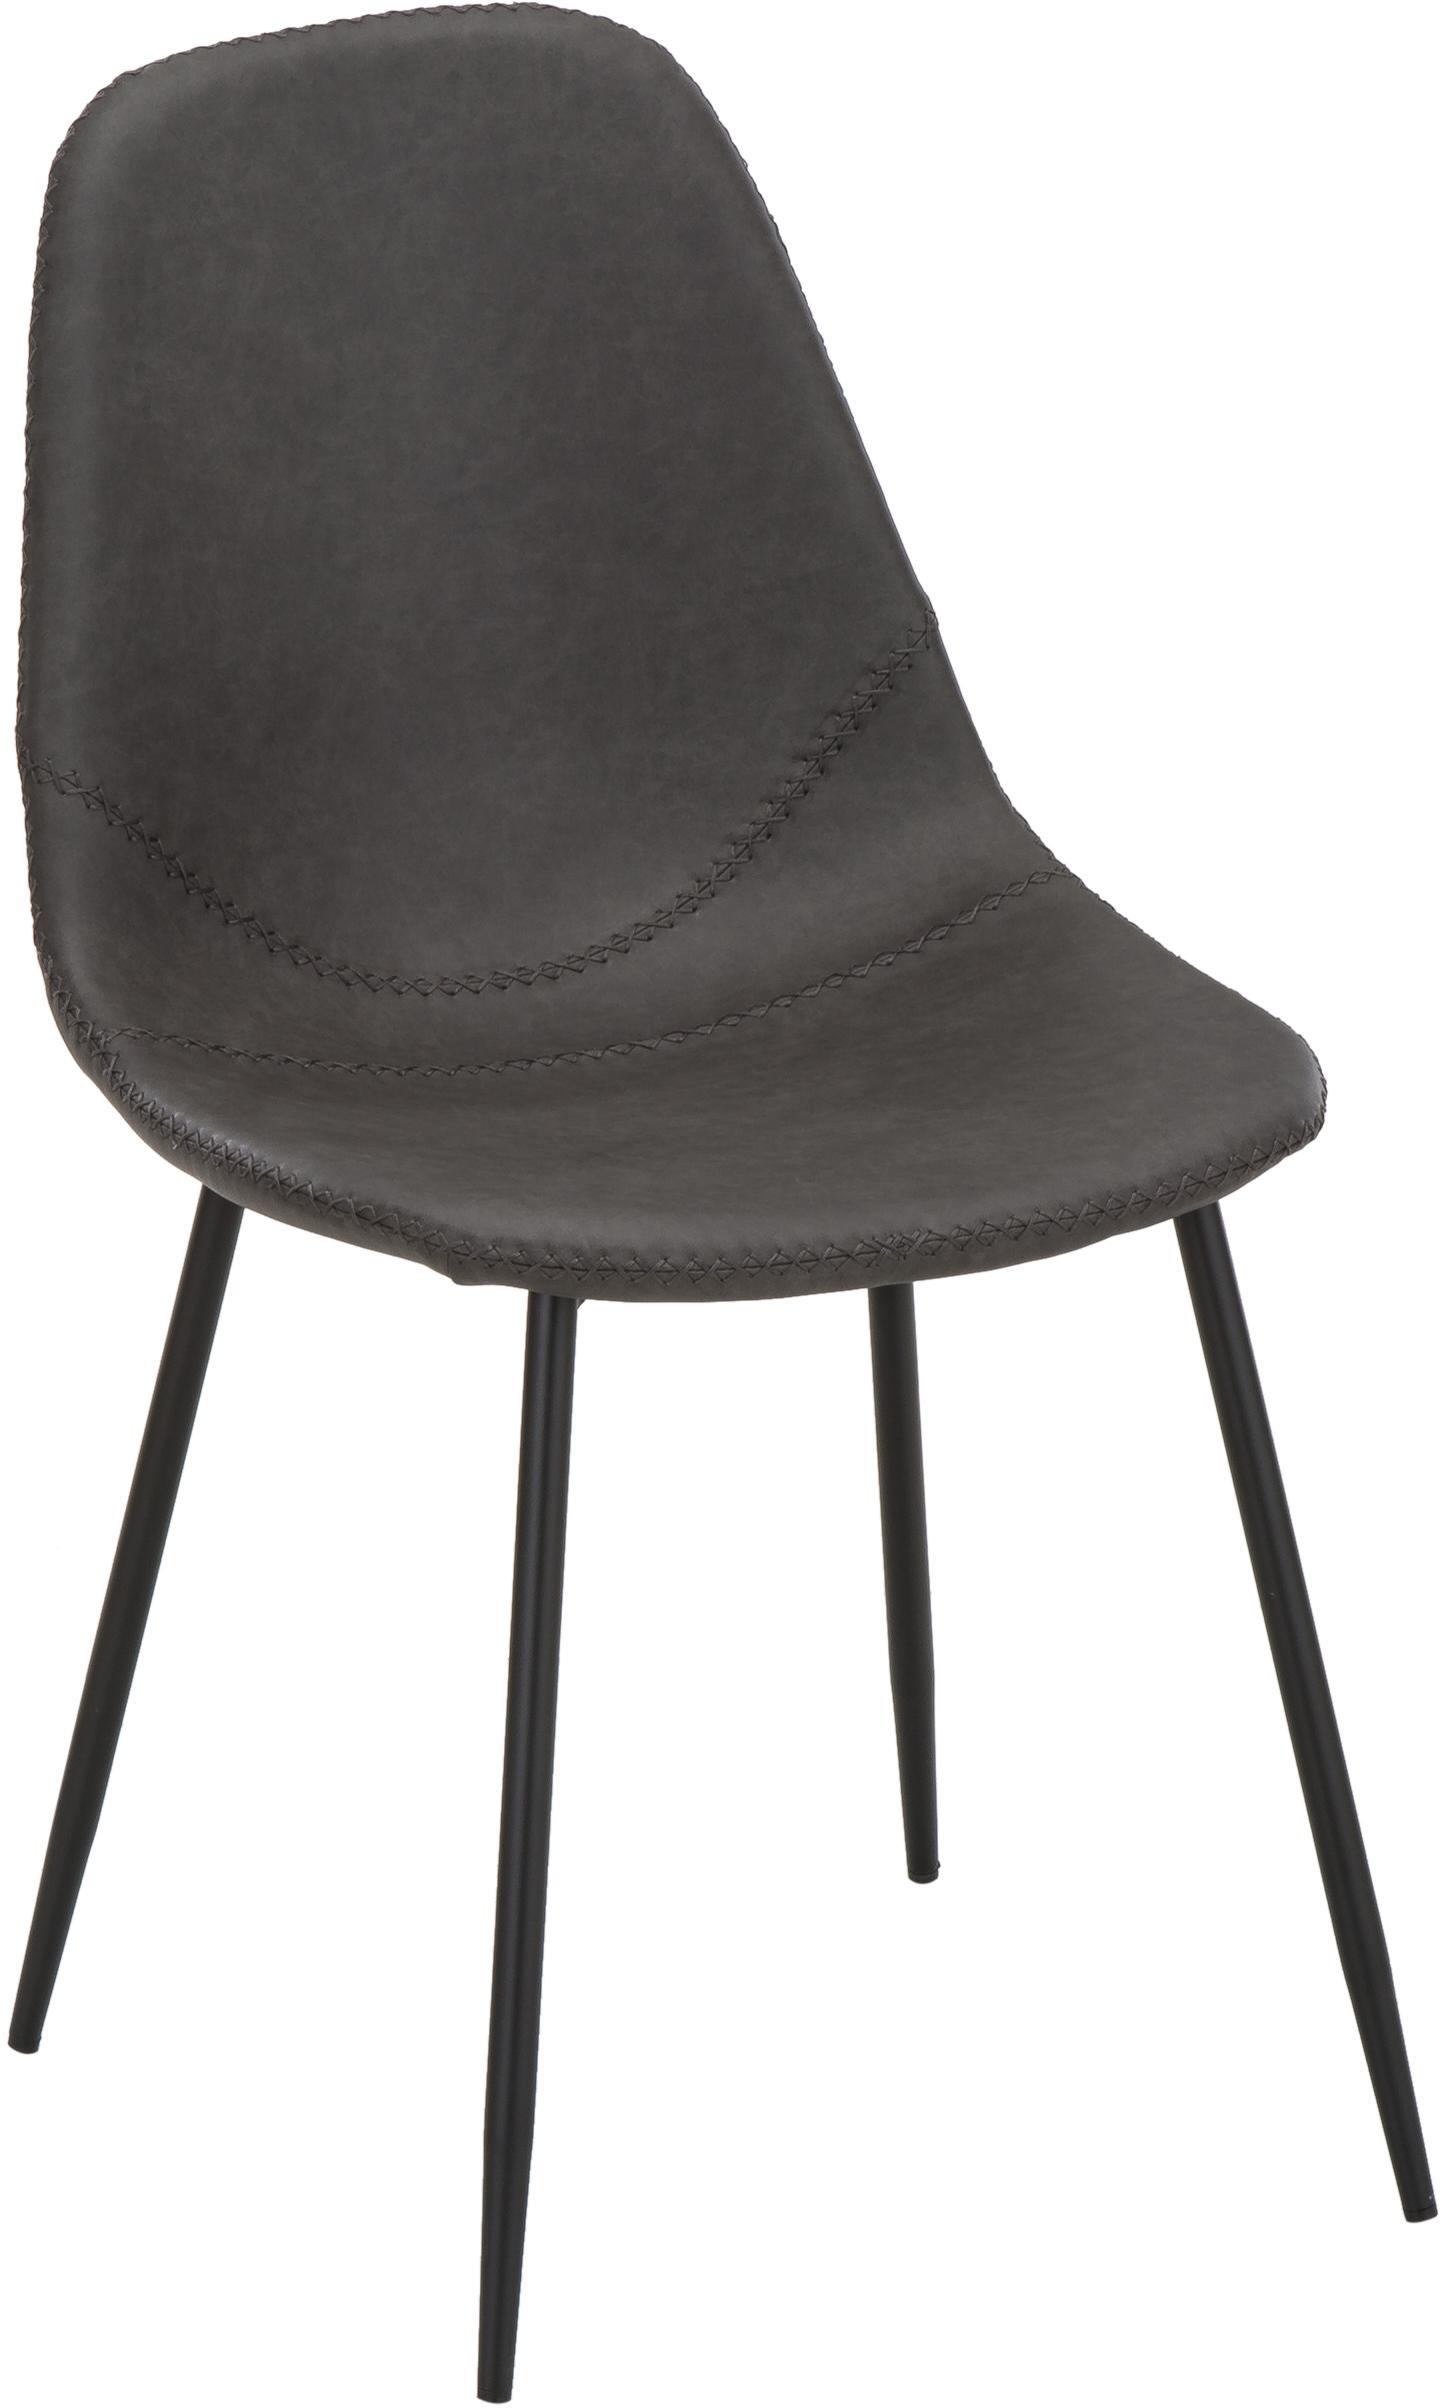 Kunstleren stoelen Linus, 2 stuks, Bekleding: kunstleer (65% polyethyle, Poten: gepoedercoat metaal, Donkergrijs, B 41 x D 53 cm